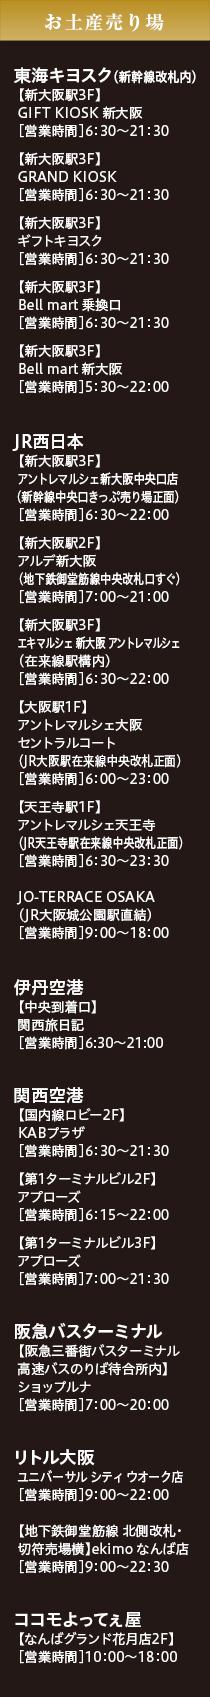 大阪土産 ええもんちぃ 販売店